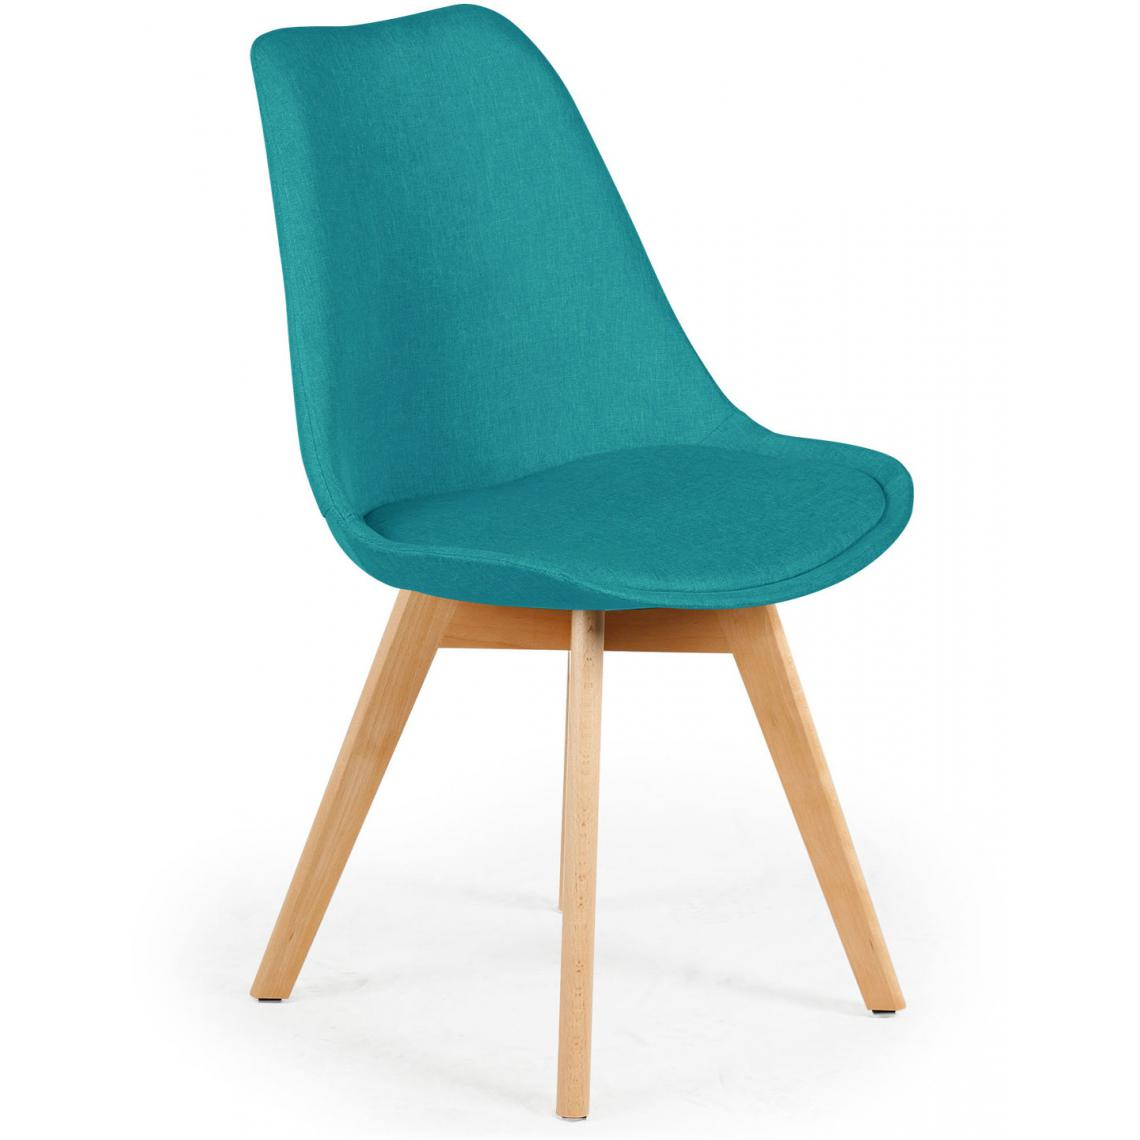 lot de 4 chaises scandinaves en tissu bleu vert esben